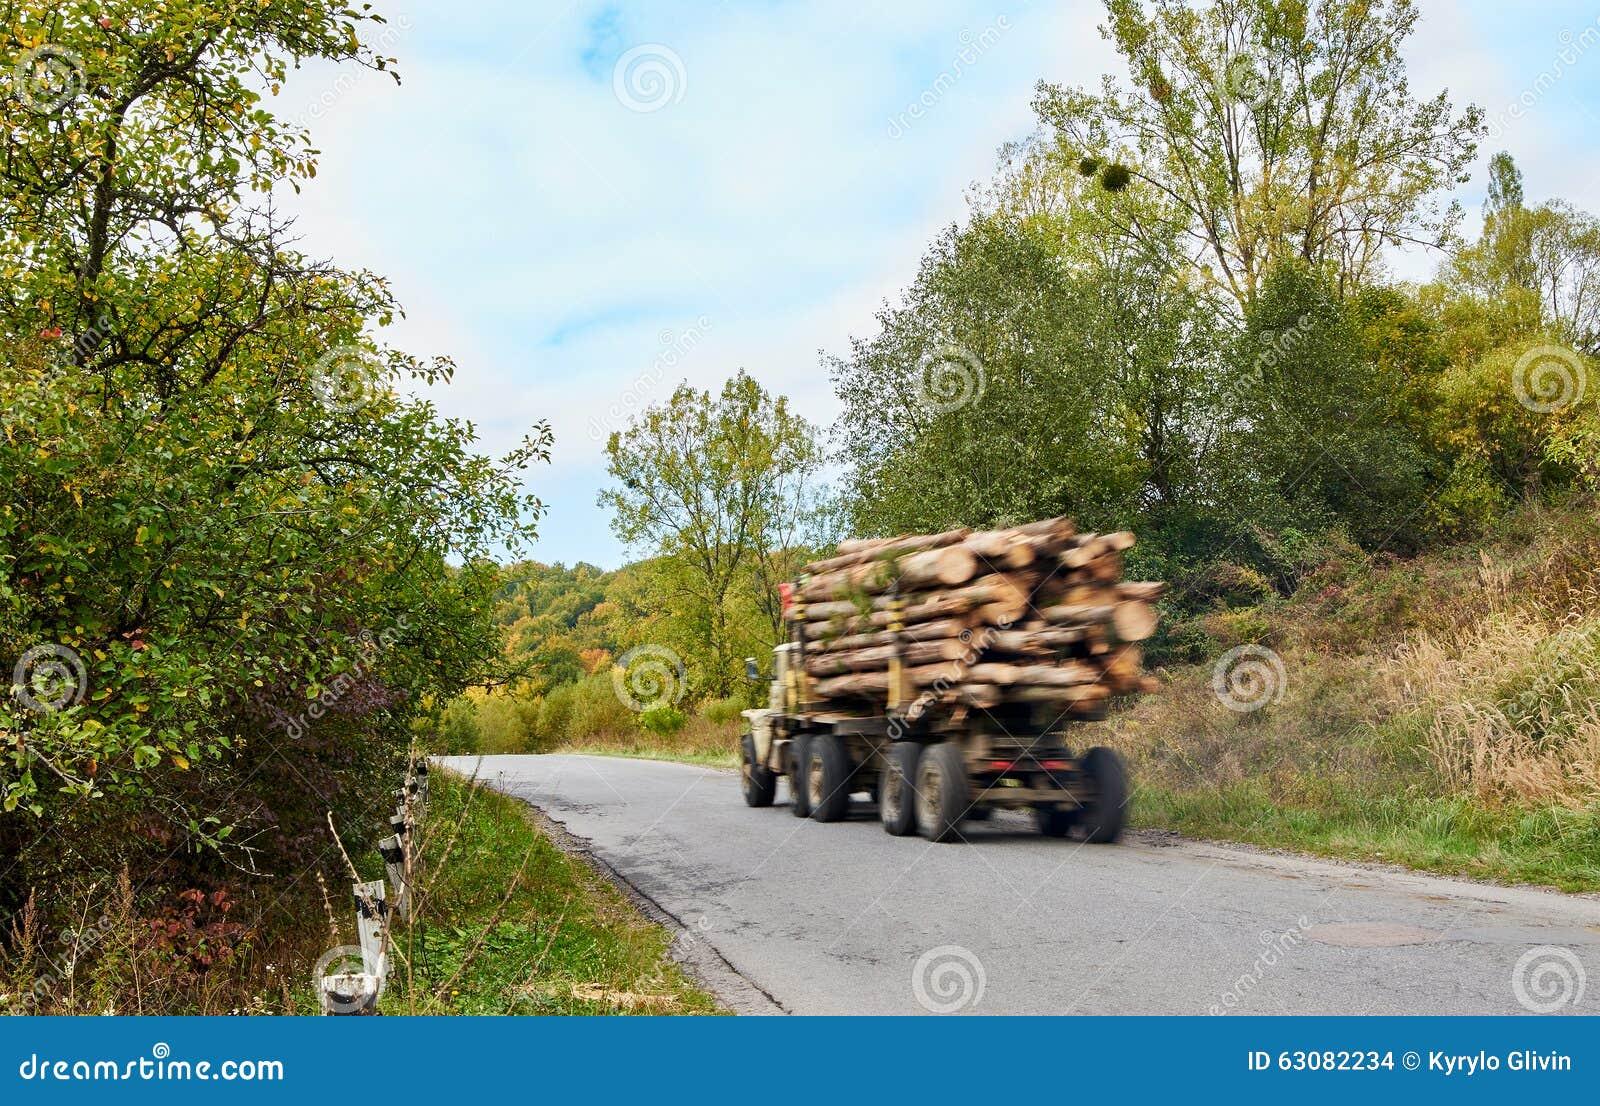 Download Camion De Notation De Bois De Construction De Camion Photo stock - Image du remorque, bois: 63082234